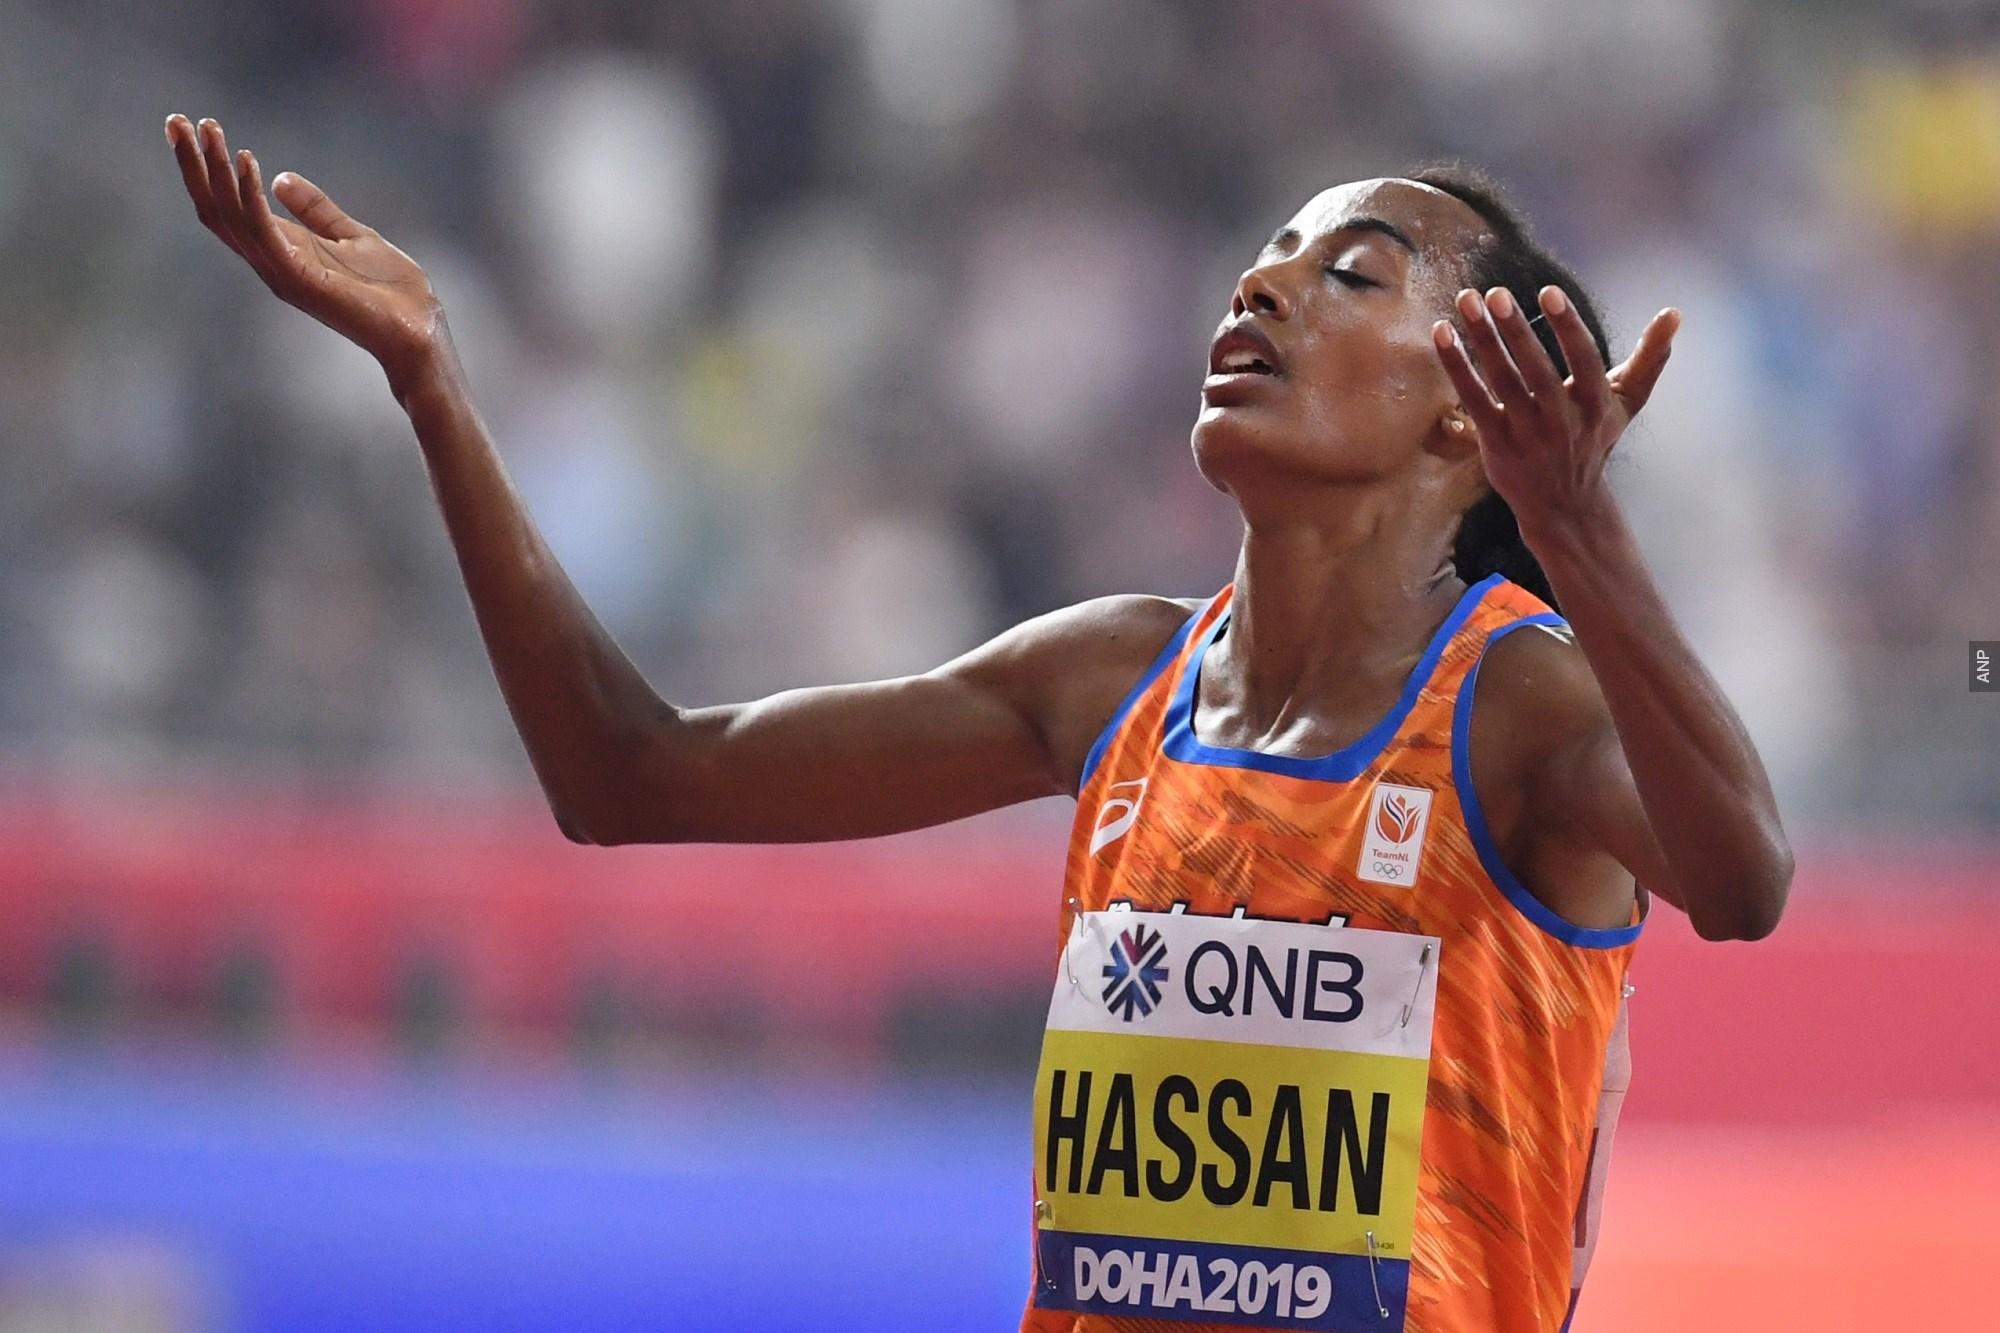 TeamNL-update: Hassan en Krumins naar WK halve marathon